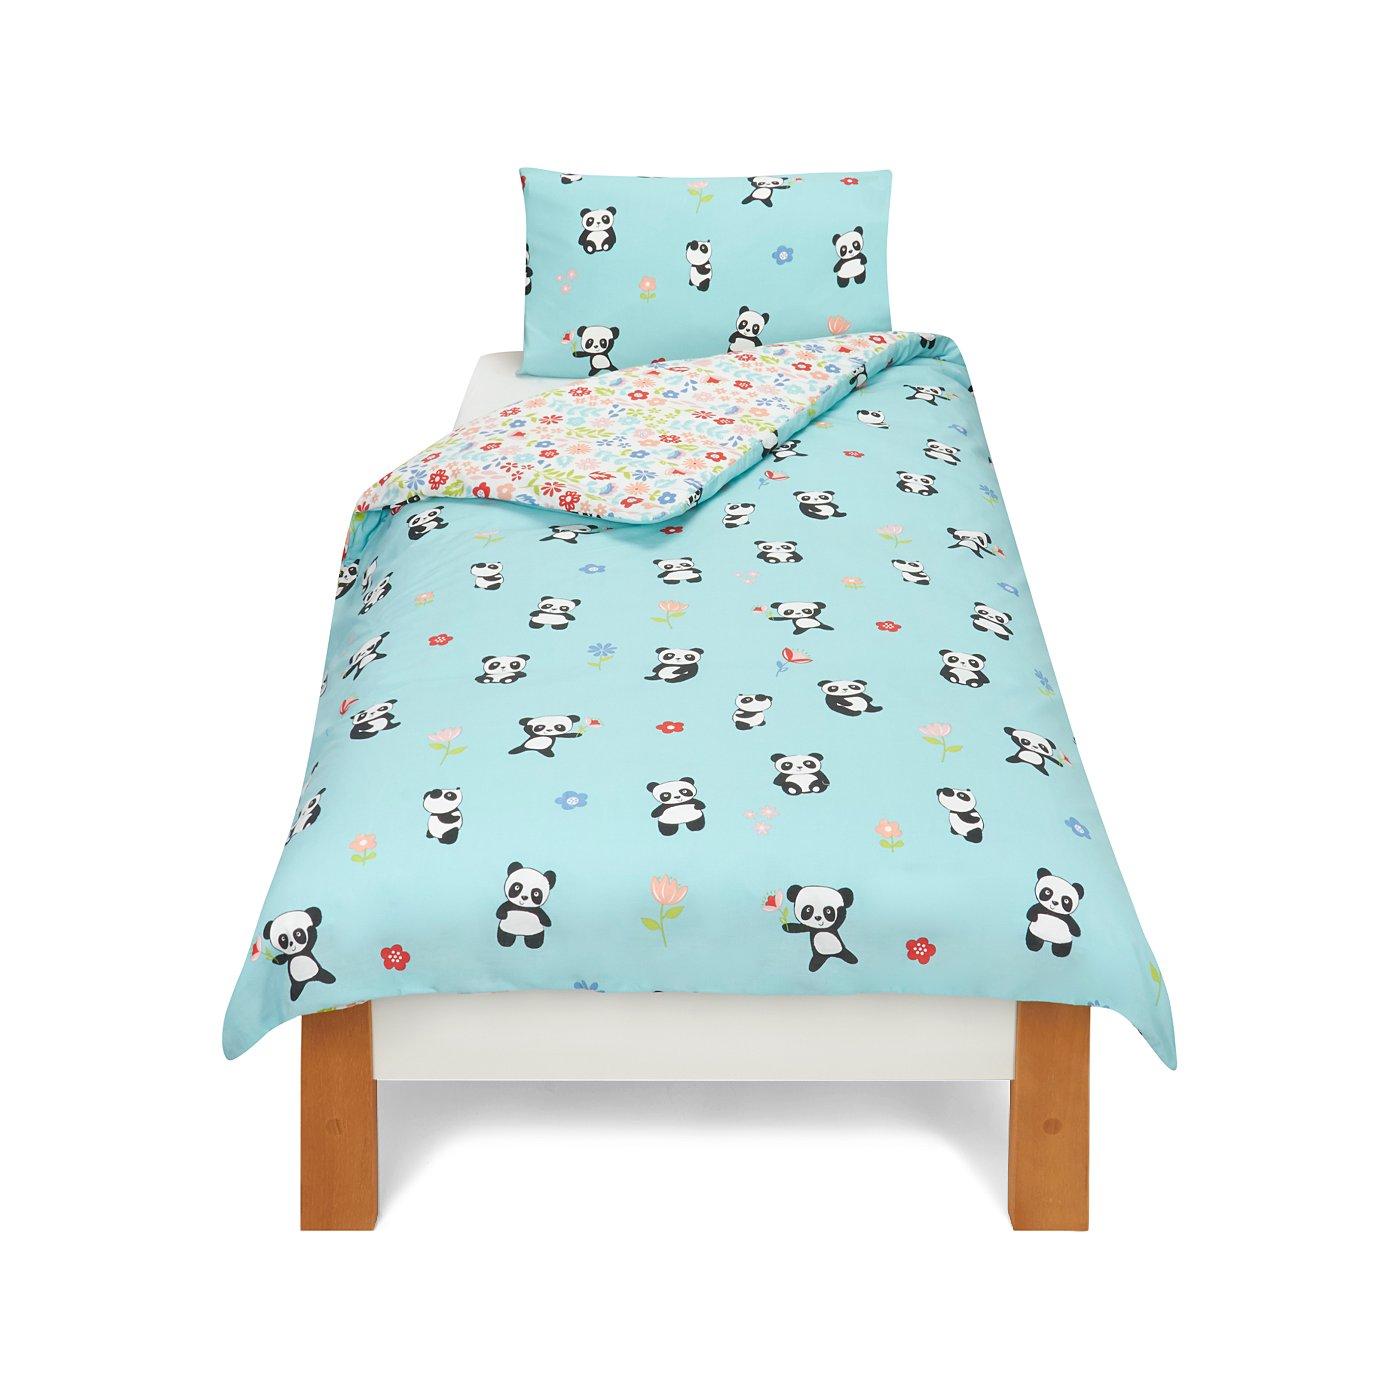 Panda Bedding Range | Bedding | George at ASDA